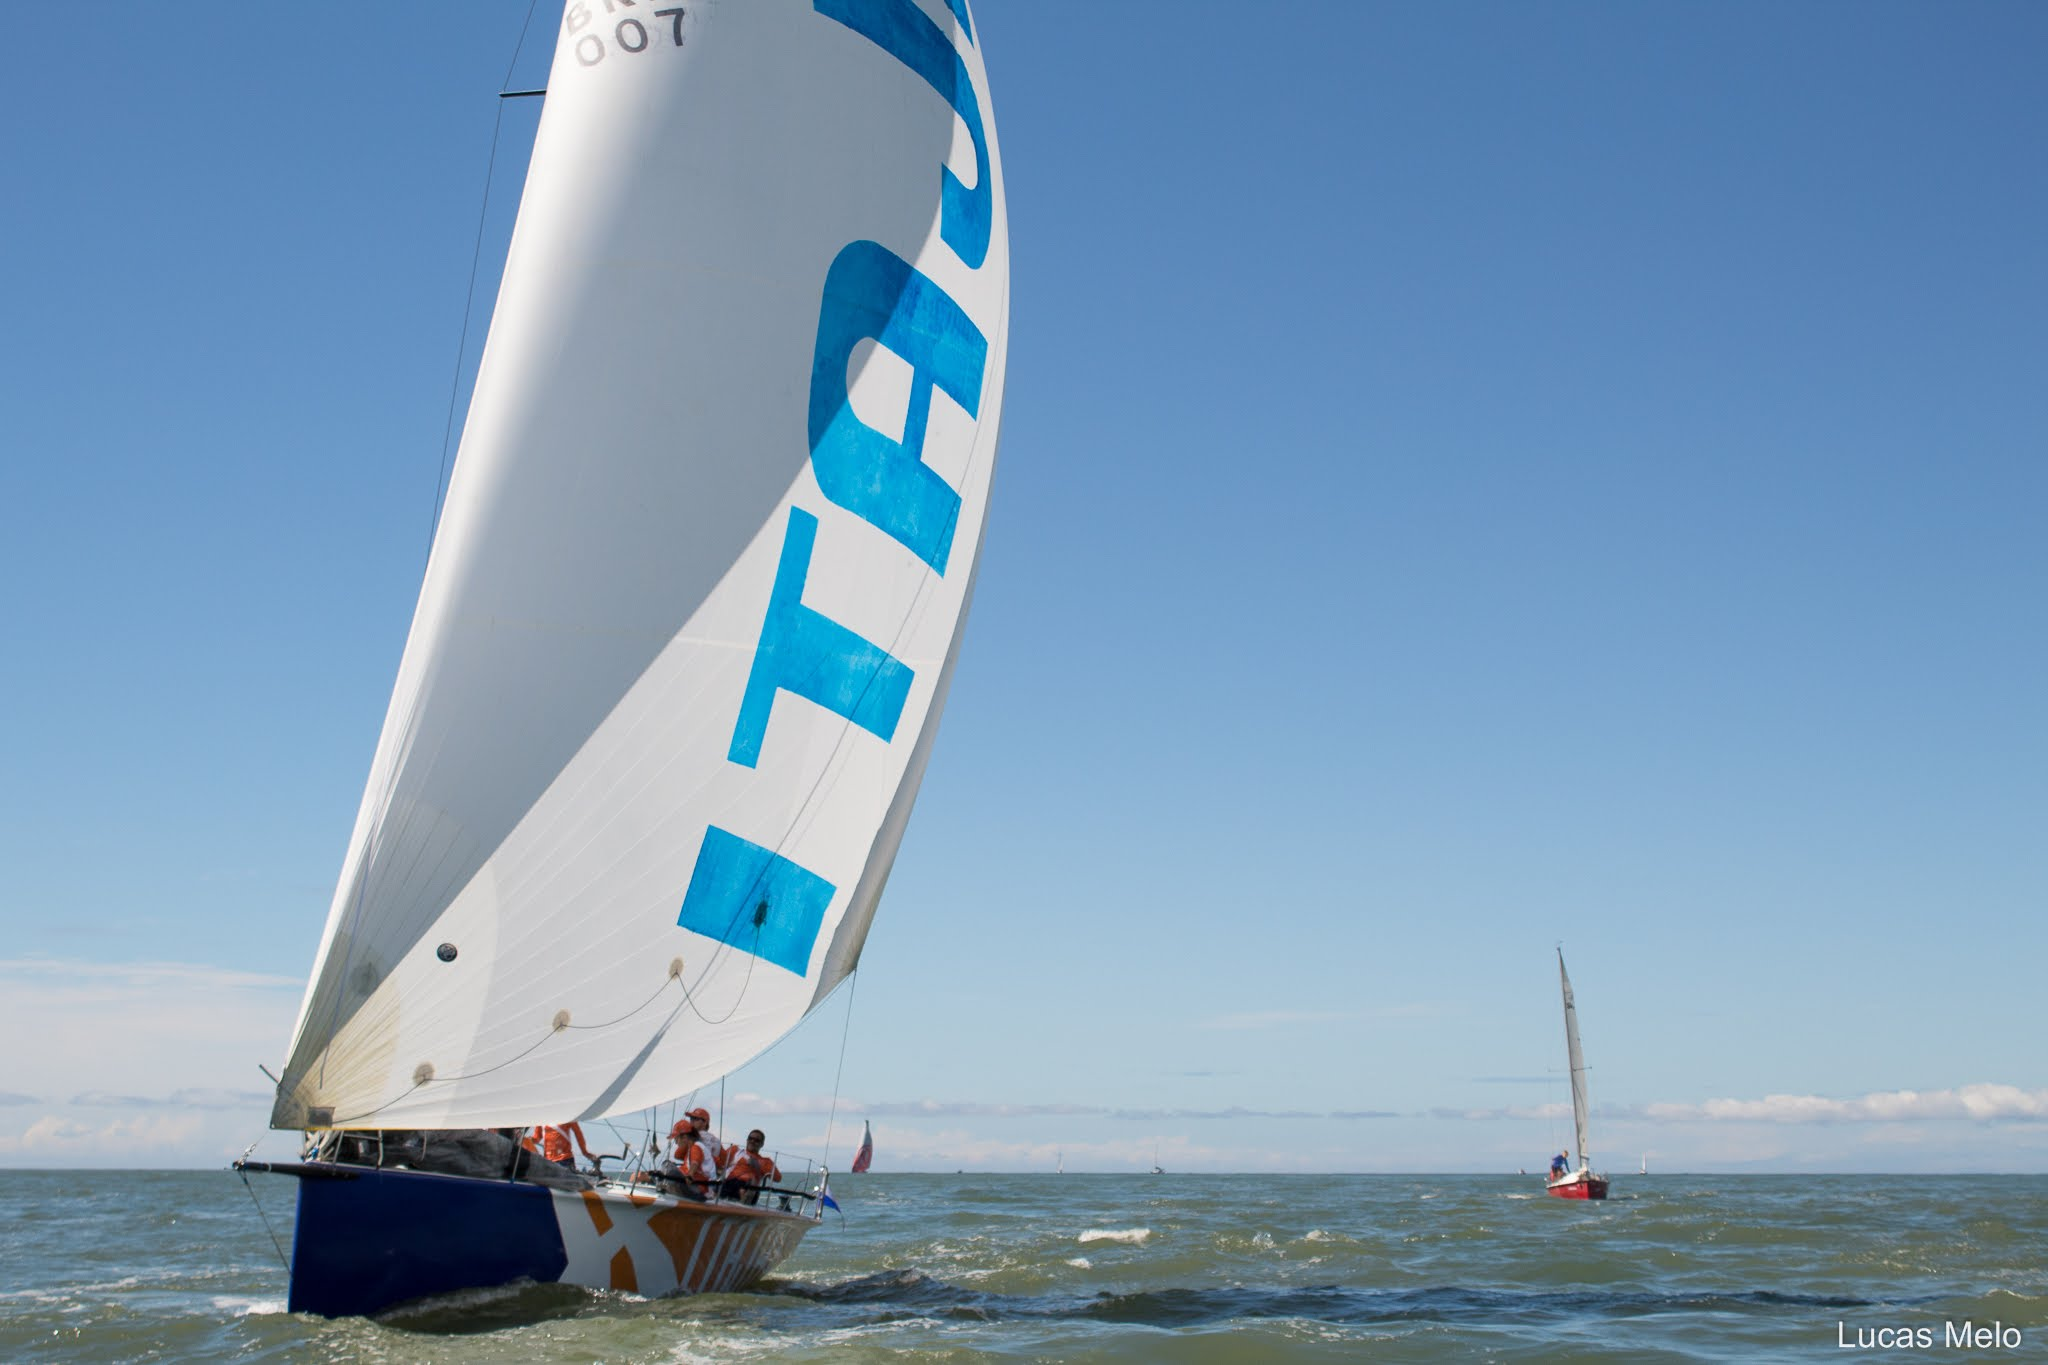 Barco do Itajaí Sailing Team parte rumo ao Rio de Janeiro para disputar o 51º Circuito Rio